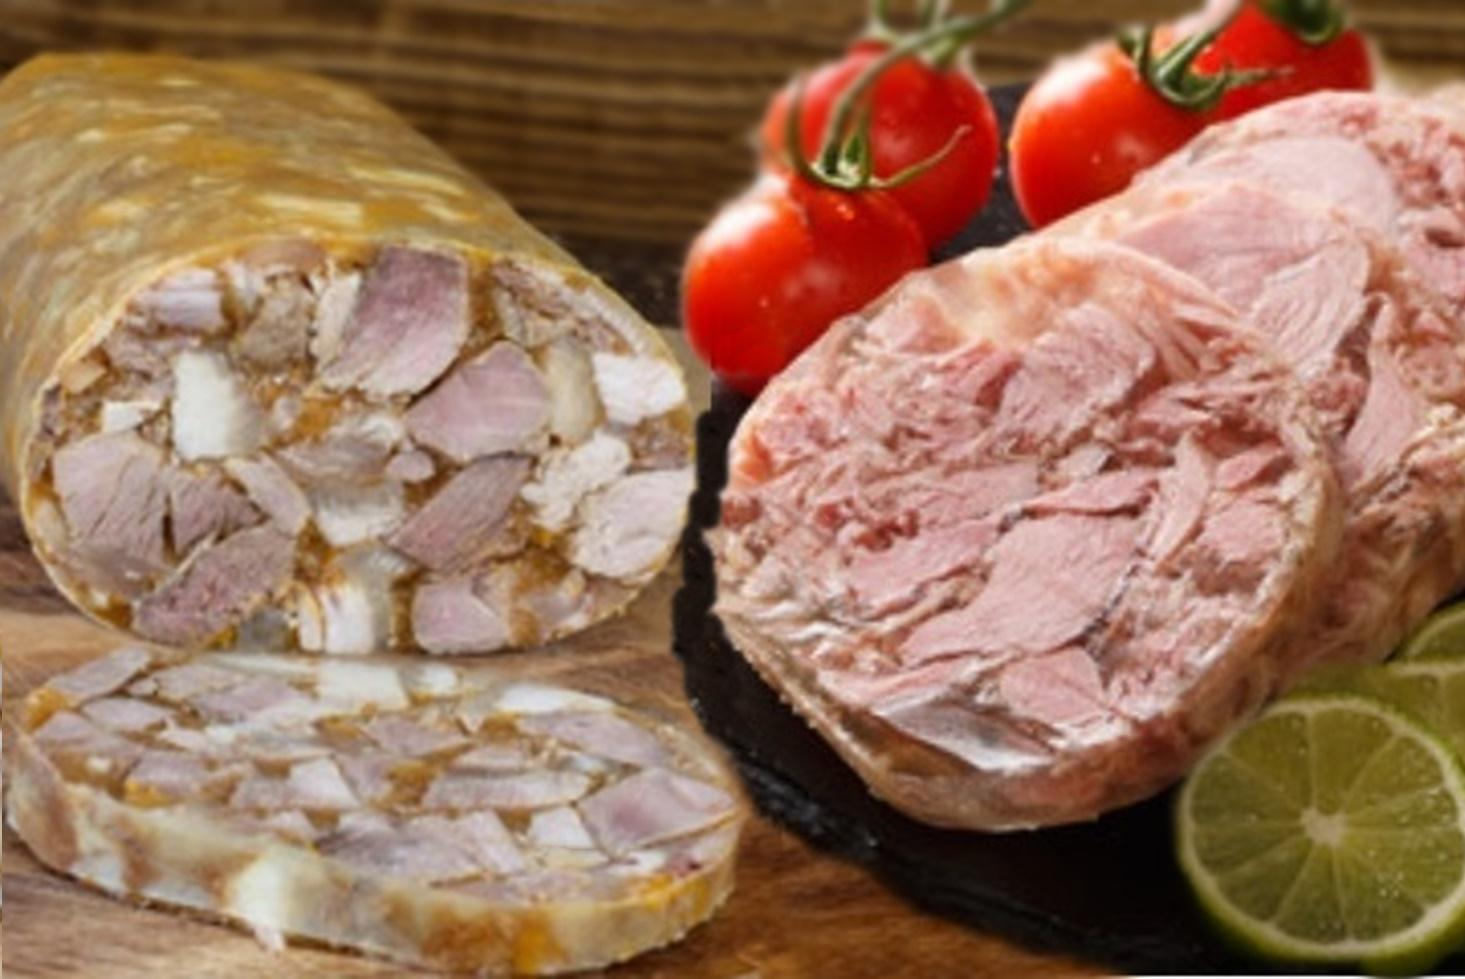 Rețetă tradițională pentru tobă de porc și rețetă pentru tobă de curcan, perfecte pentru masa de Crăciun